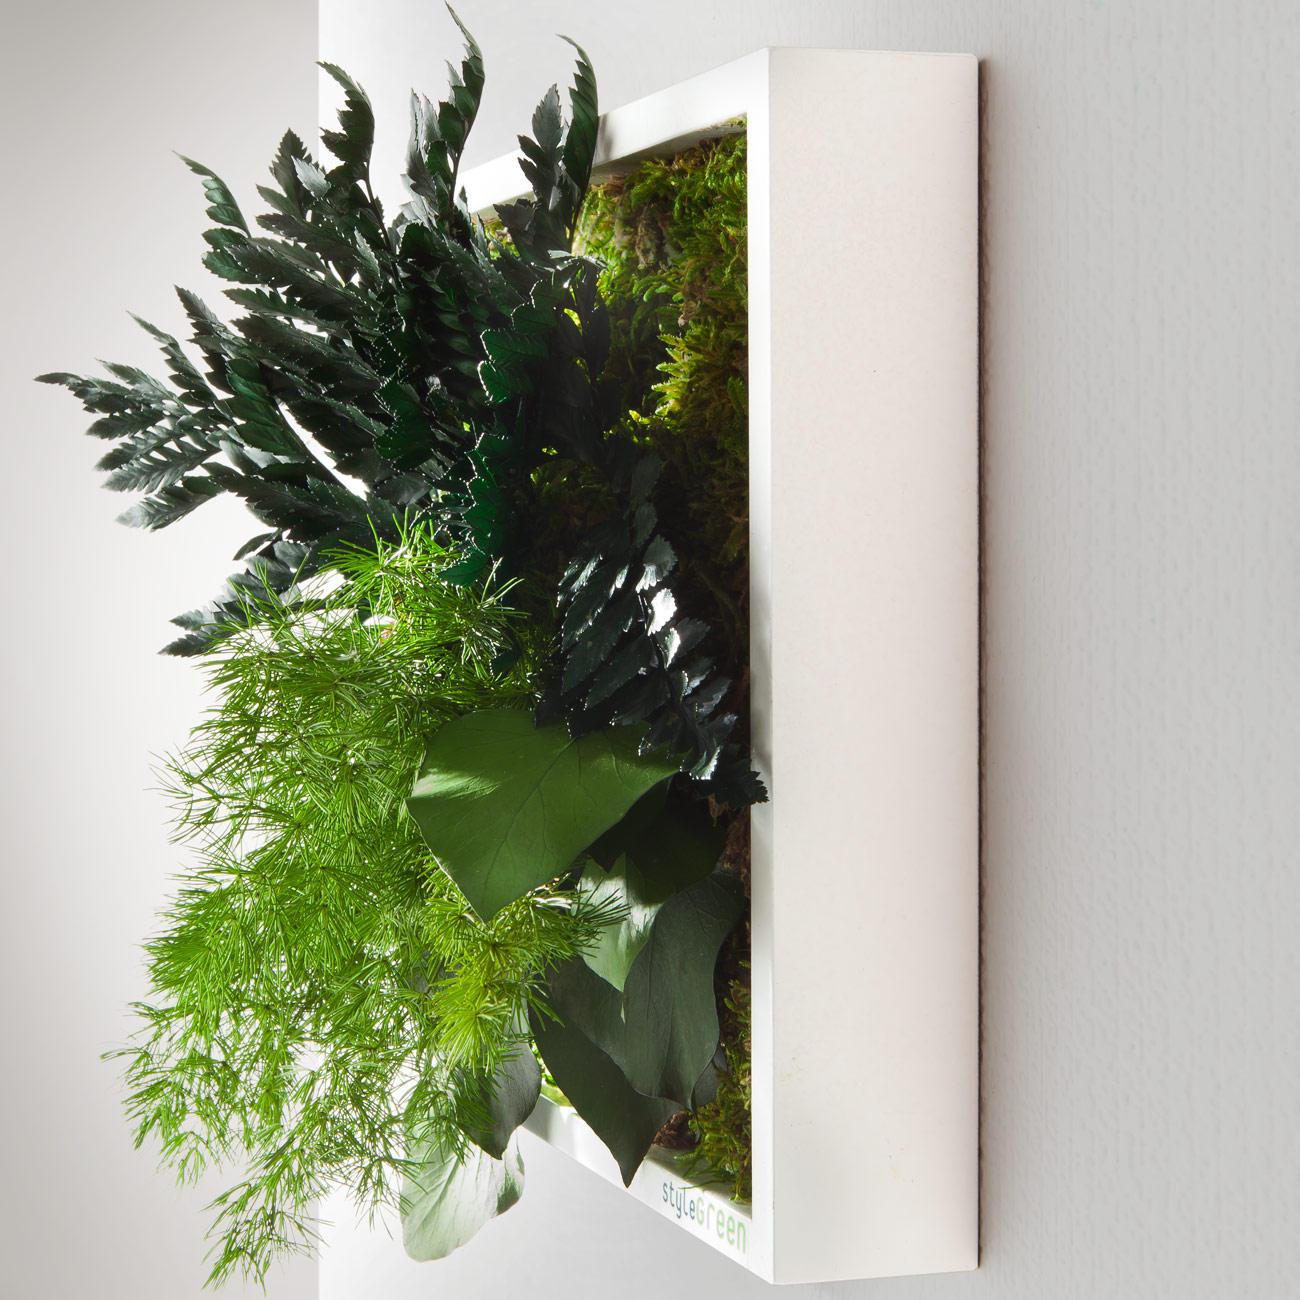 echtpflanzenbilder 3 jahre garantie pro idee. Black Bedroom Furniture Sets. Home Design Ideas